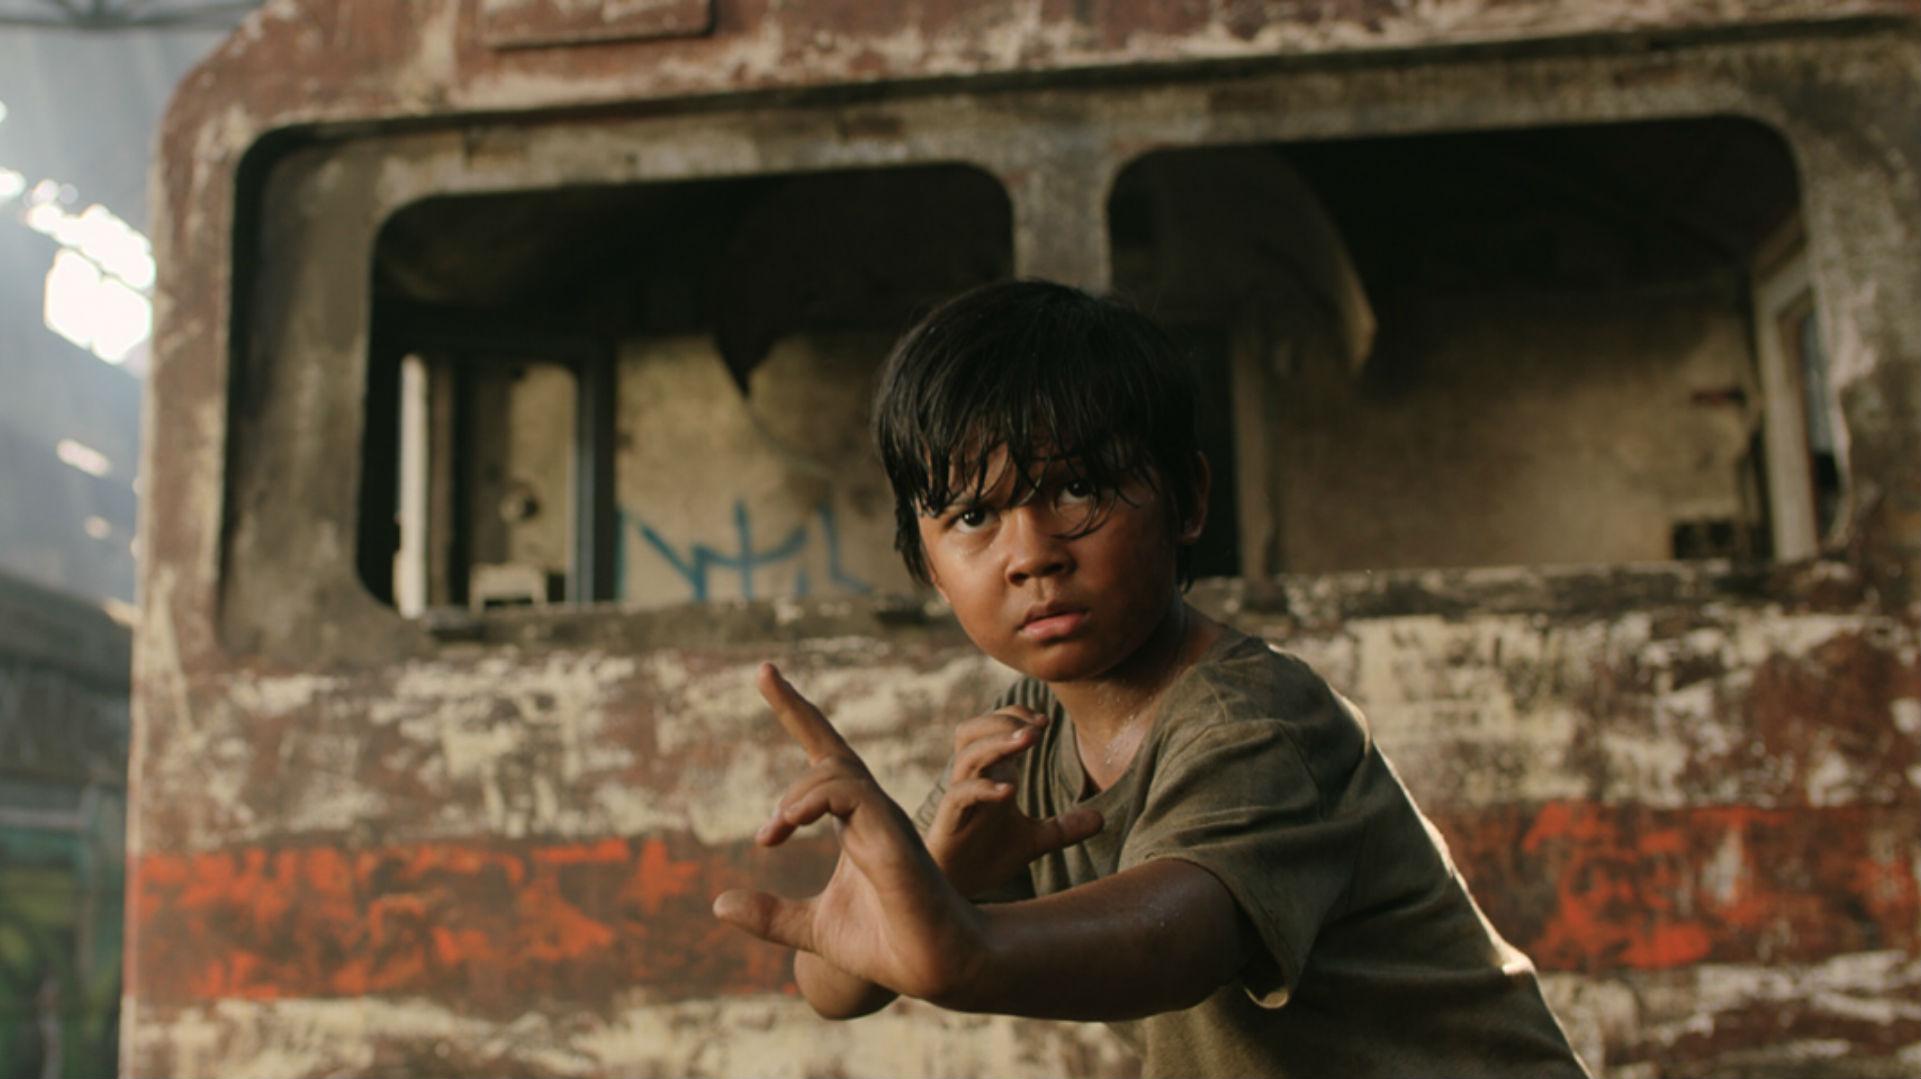 TIFF 2019: Gundala Review